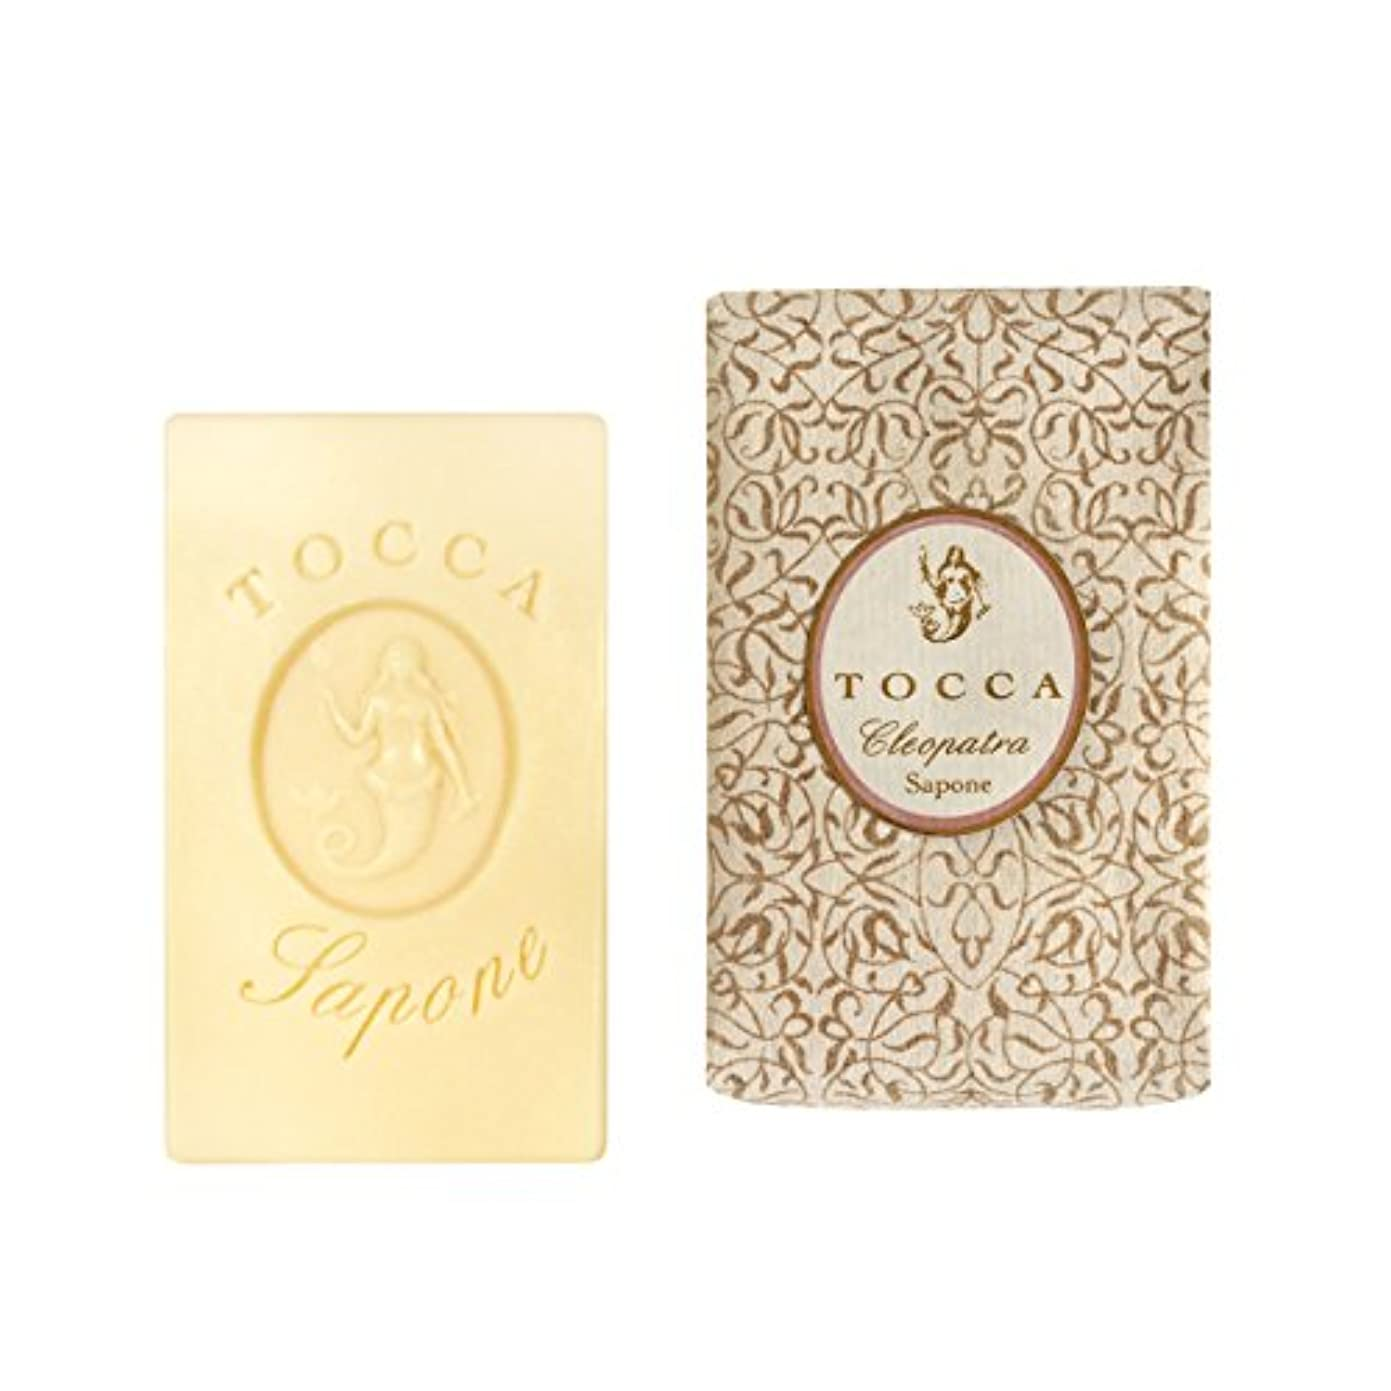 公涙モノグラフトッカ(TOCCA) ソープバー クレオパトラの香り 113g(石けん 化粧石けん グレープフルーツとキューカンバーのフレッシュでクリーンな香り)